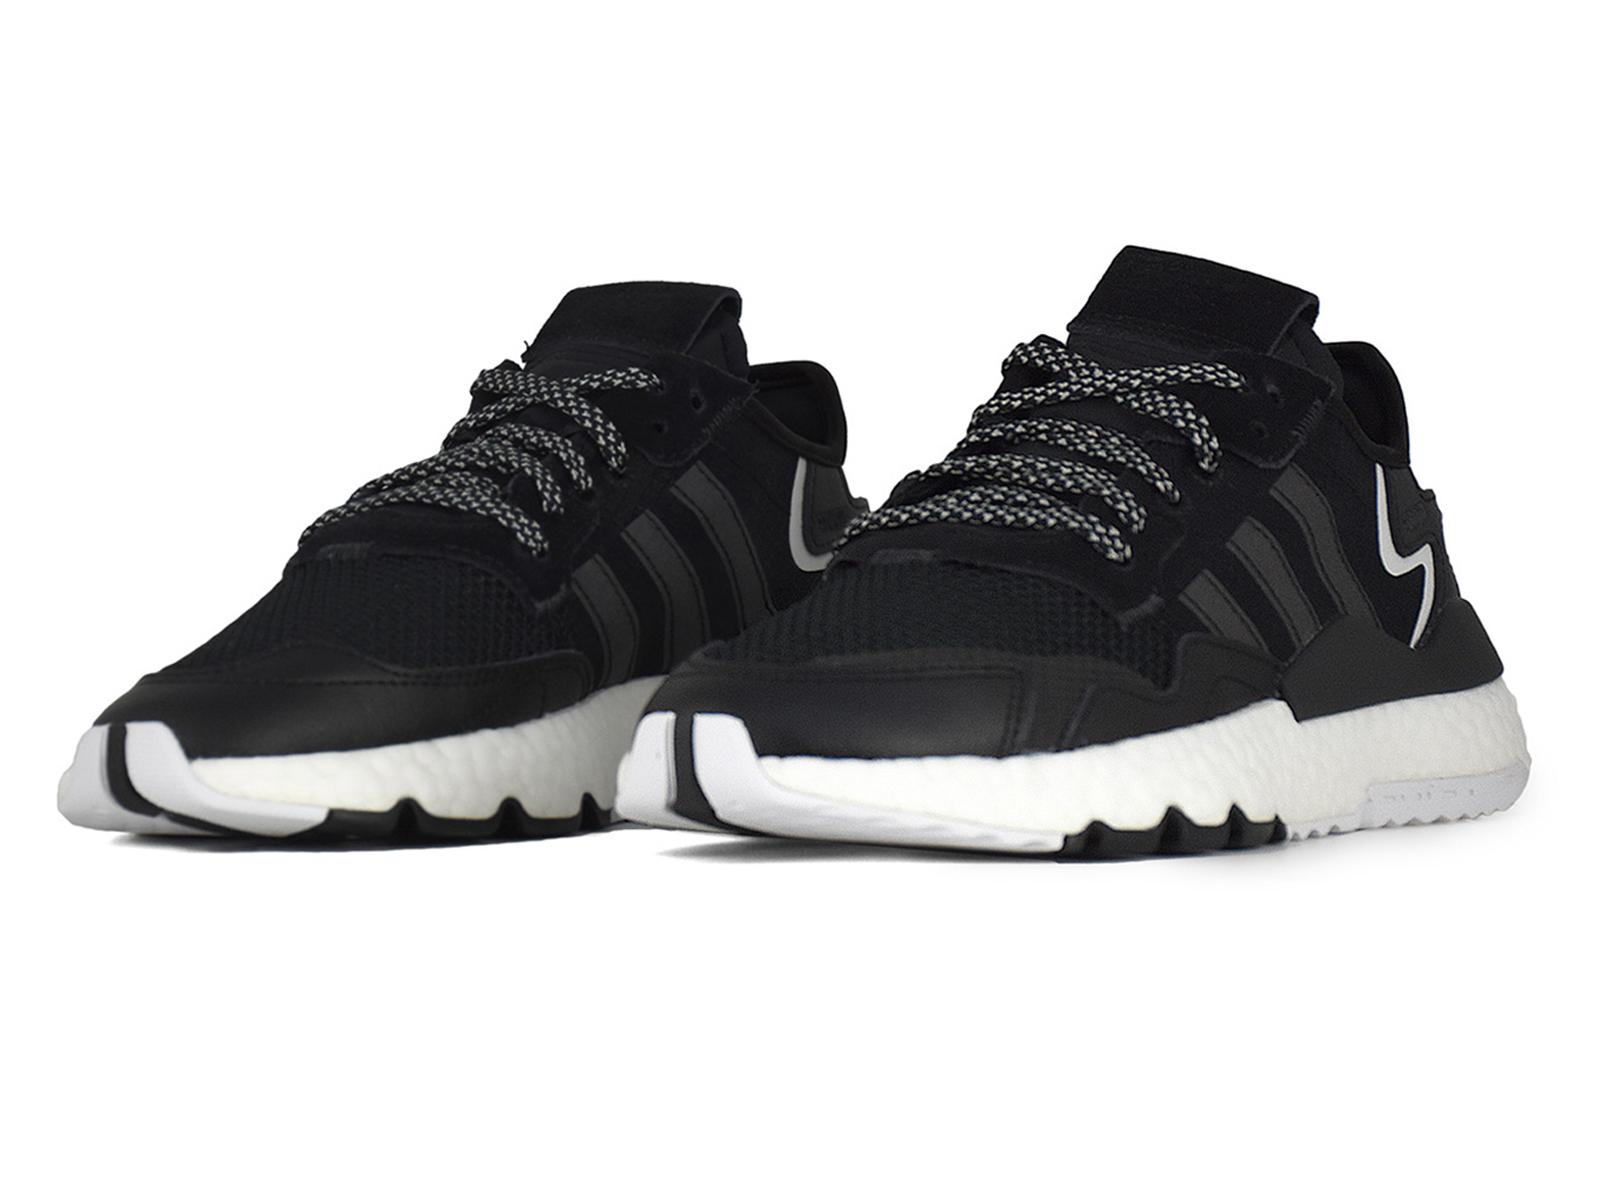 - Γυναικεία Παπούτσια Adidas   Nite Jogger J EE6481   Womens Shoes Μαύρο-Άσπρο.